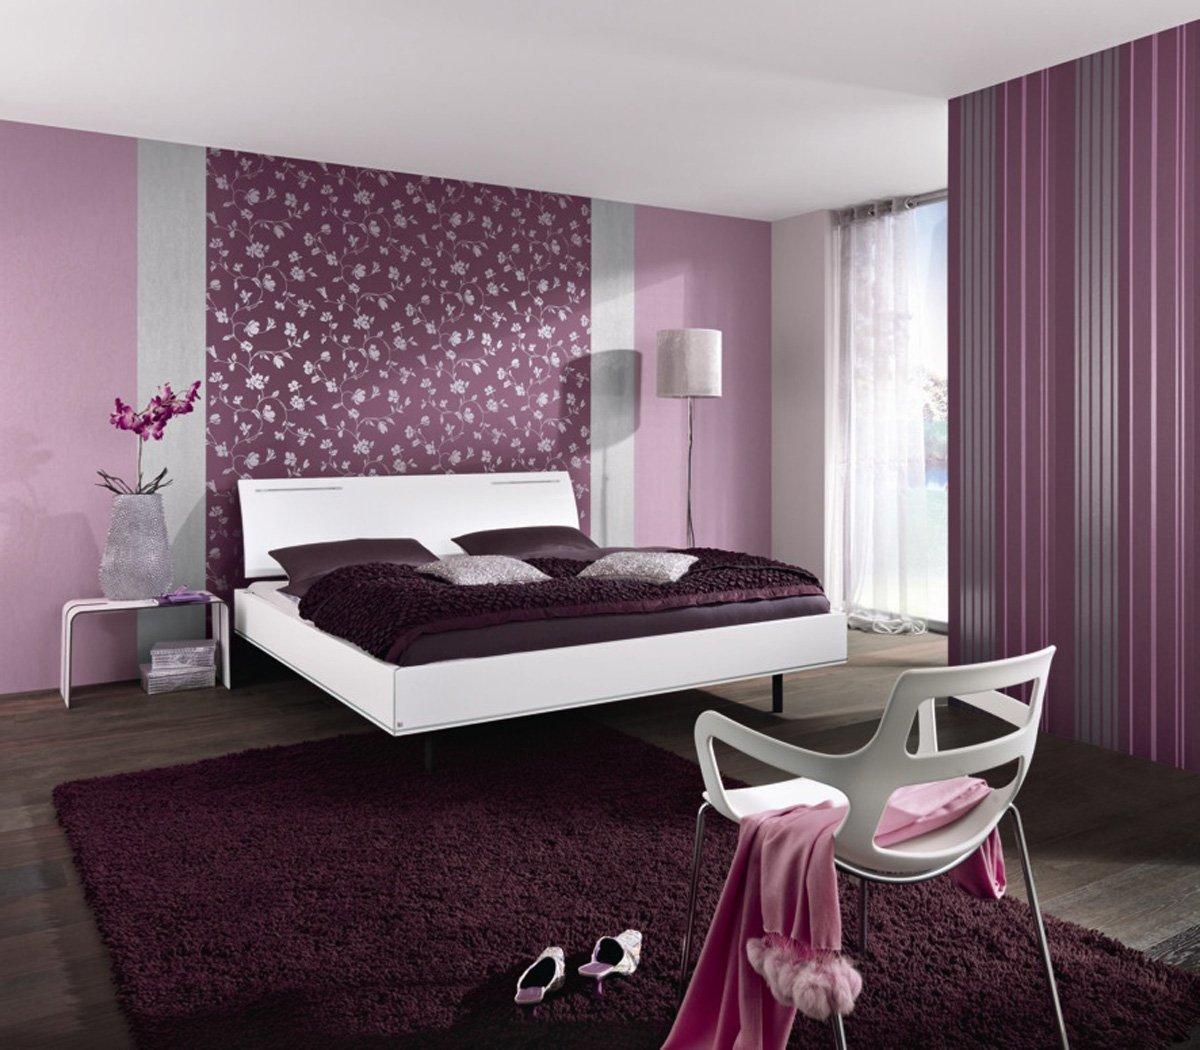 Варианты спальни двух цветов фото